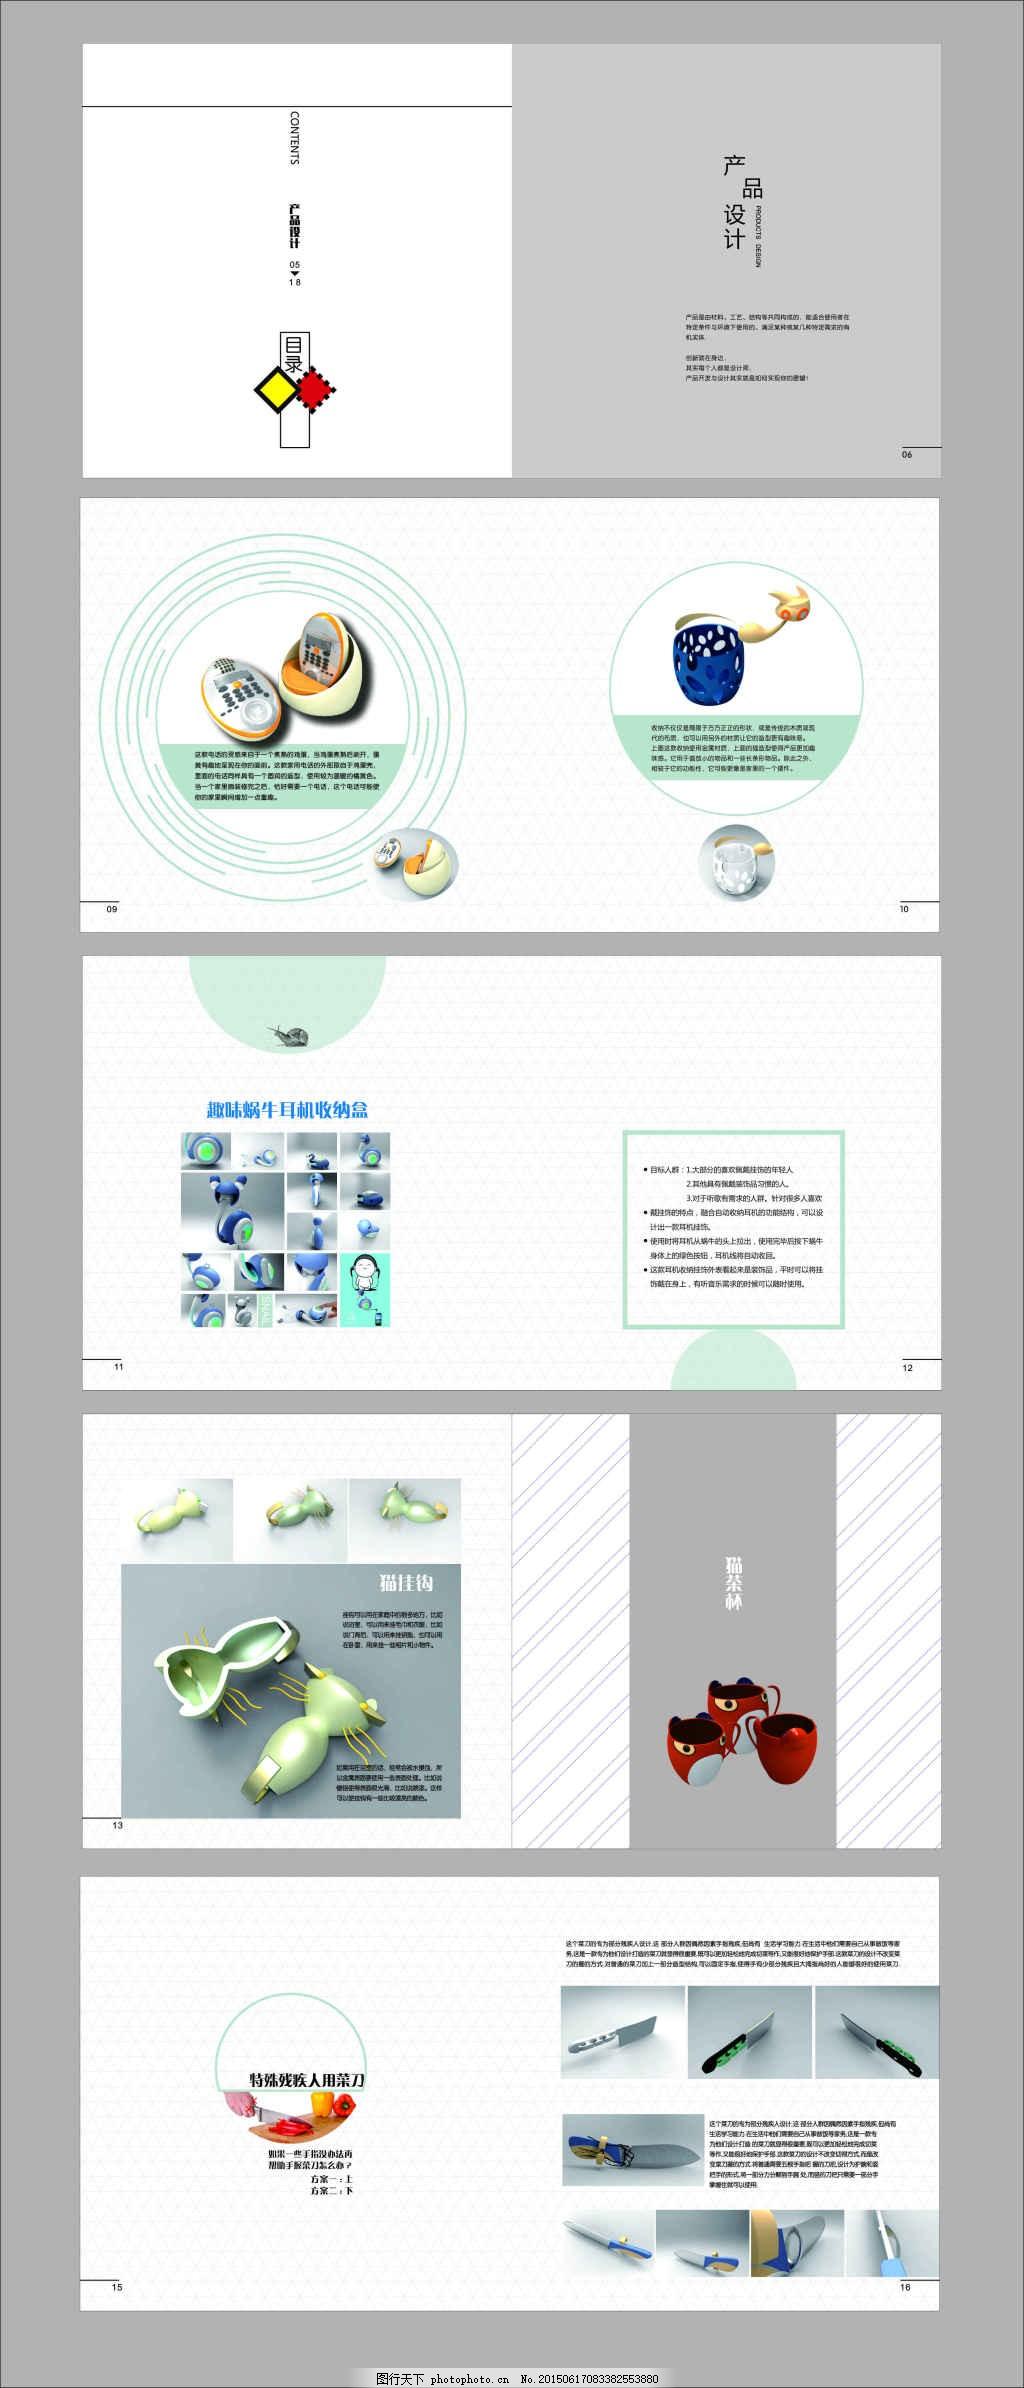 极简画册排版 画册设计 排版设计 极简设计 宣传册 简洁设计 cdr 白色图片